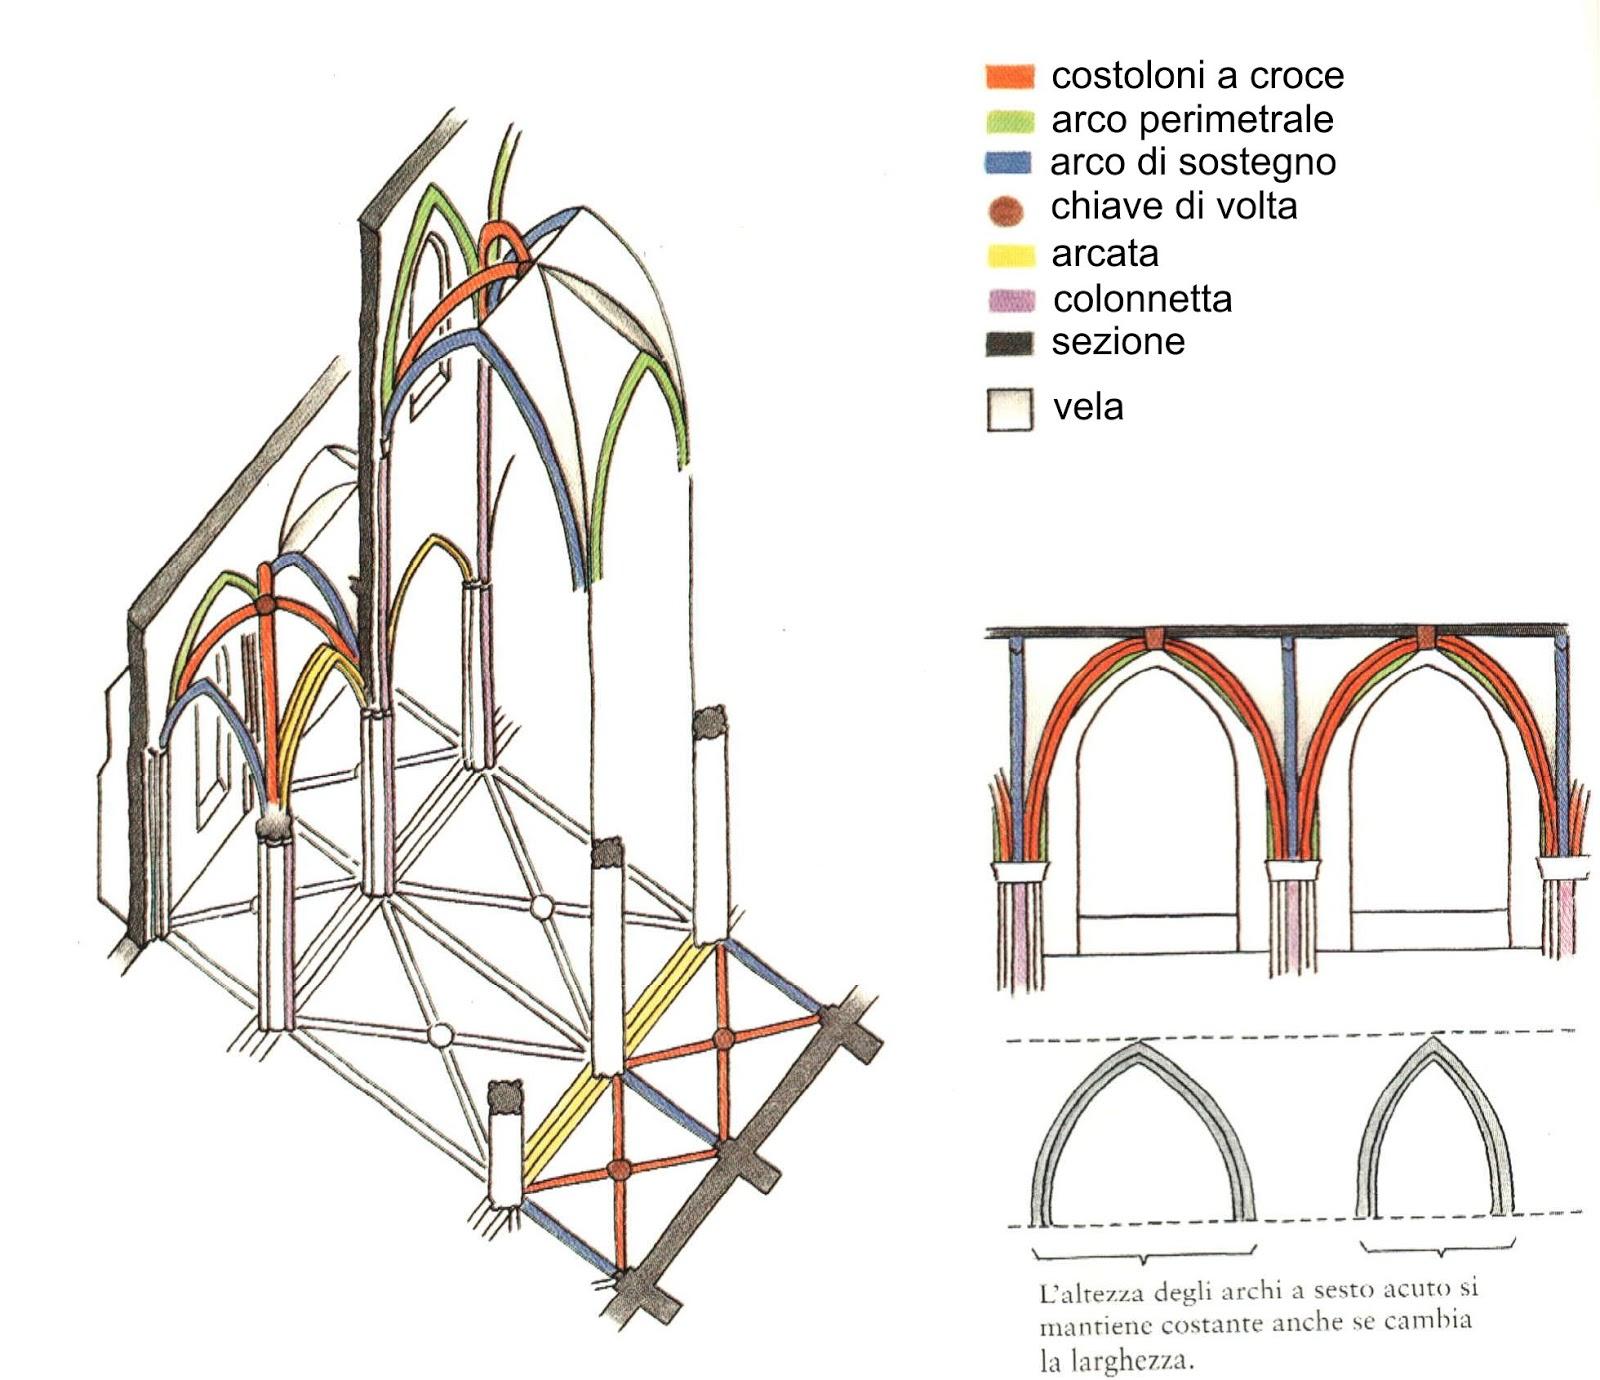 Arte con la prof l 39 arte gotica - Finestre circolari delle chiese gotiche ...